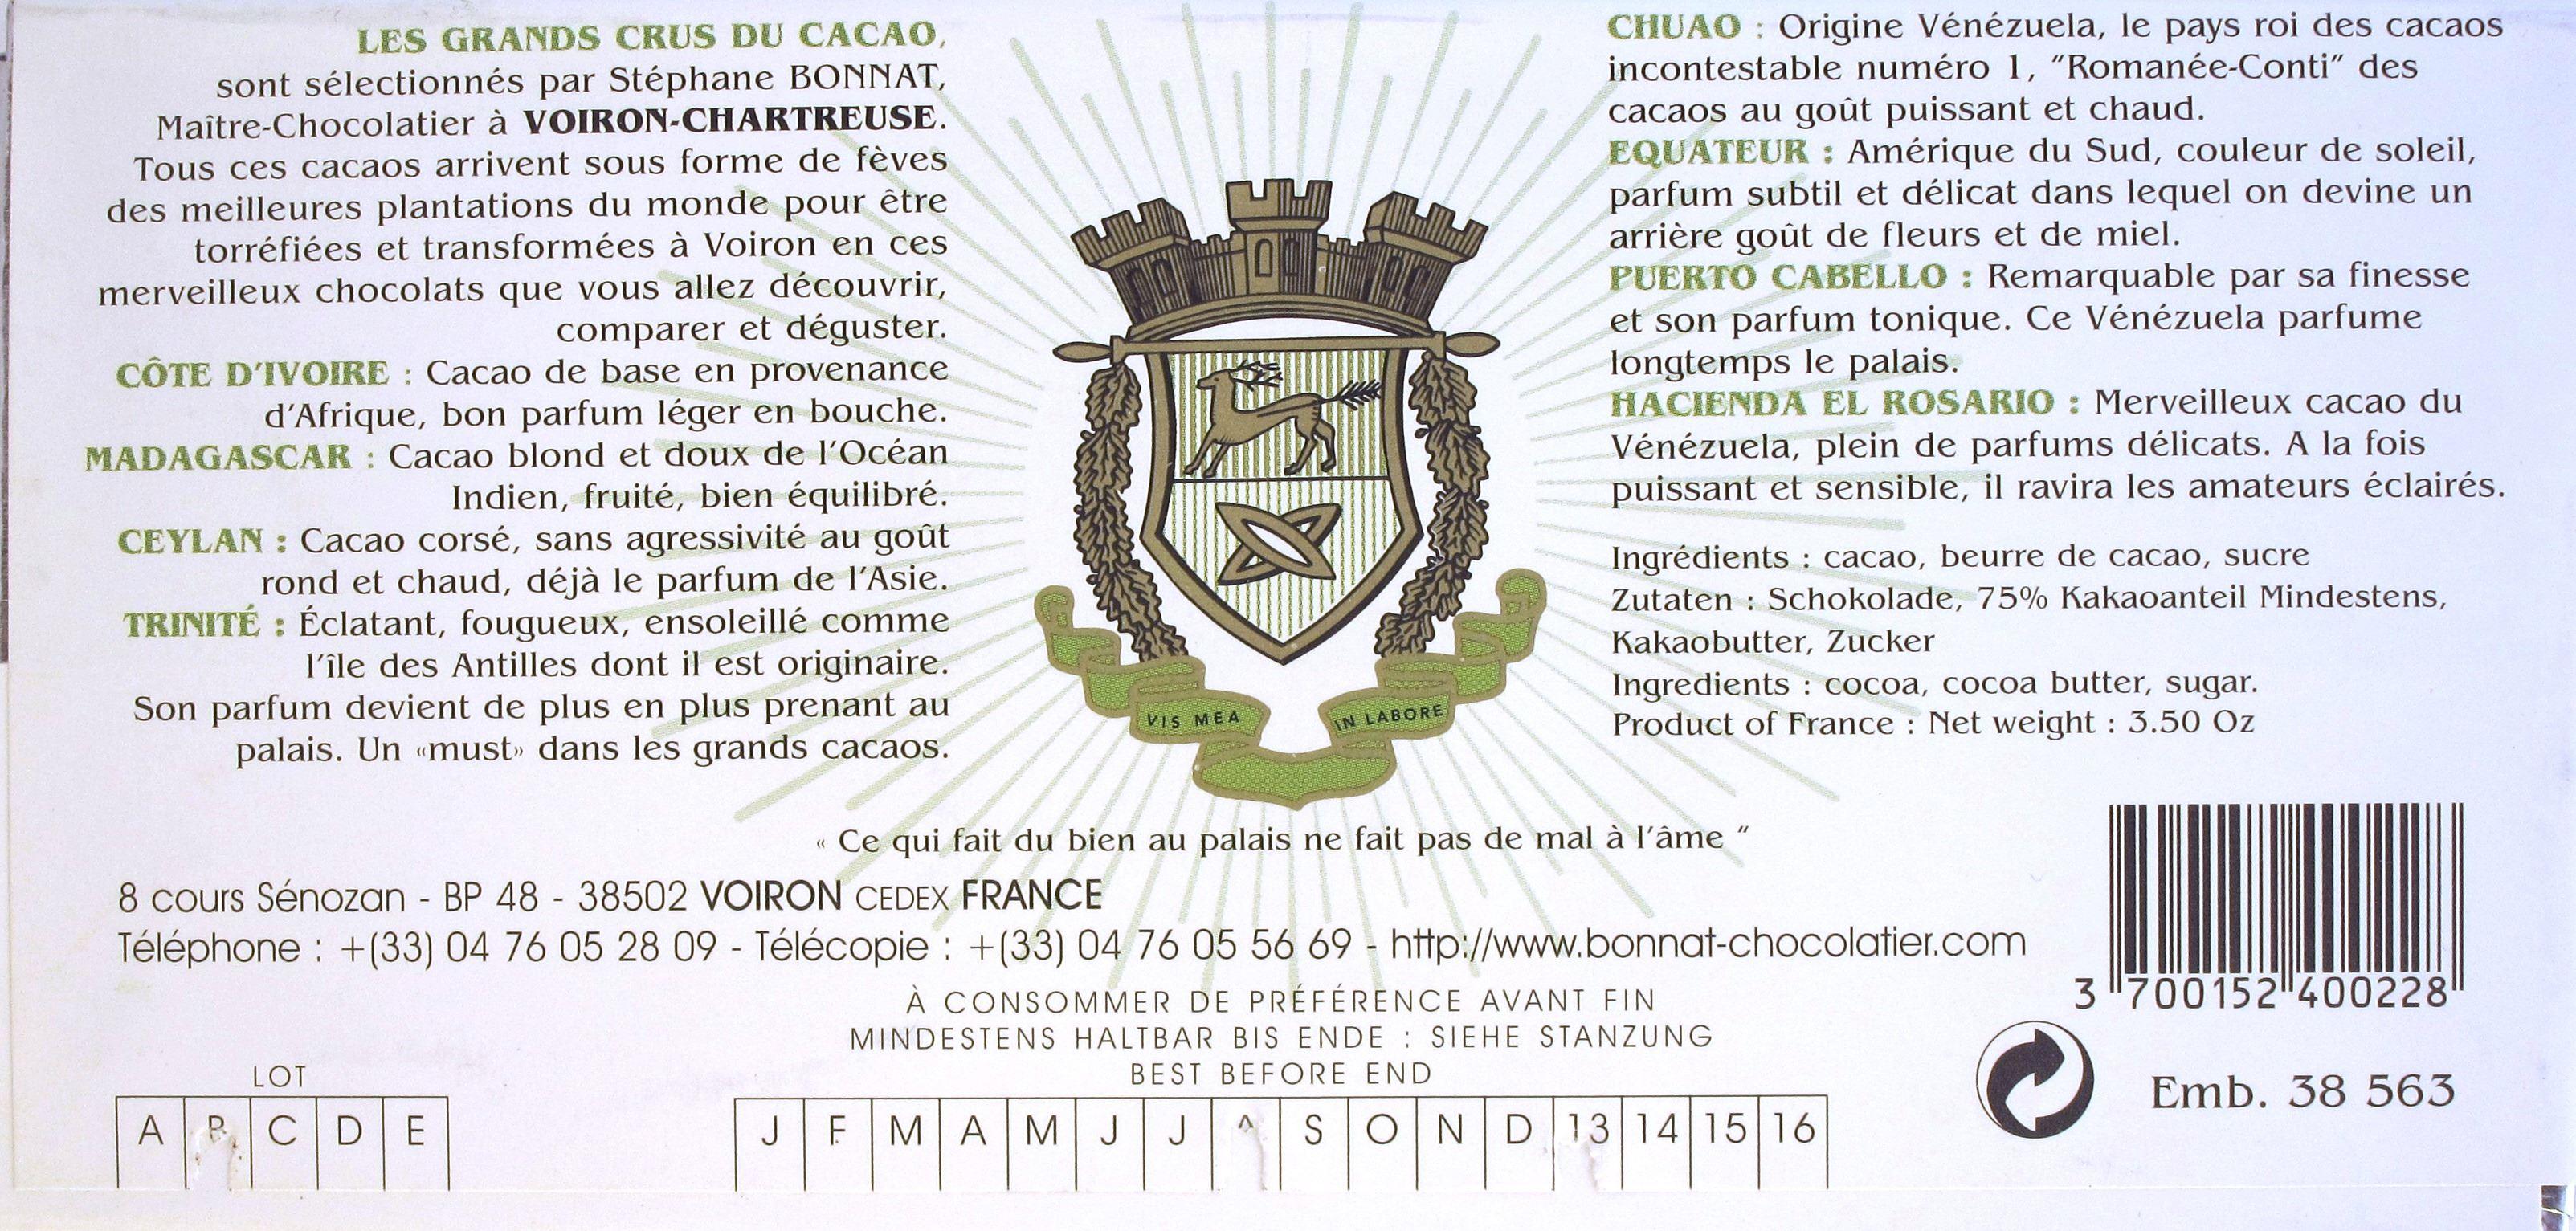 Rückseite: Venezuela-Bonnat